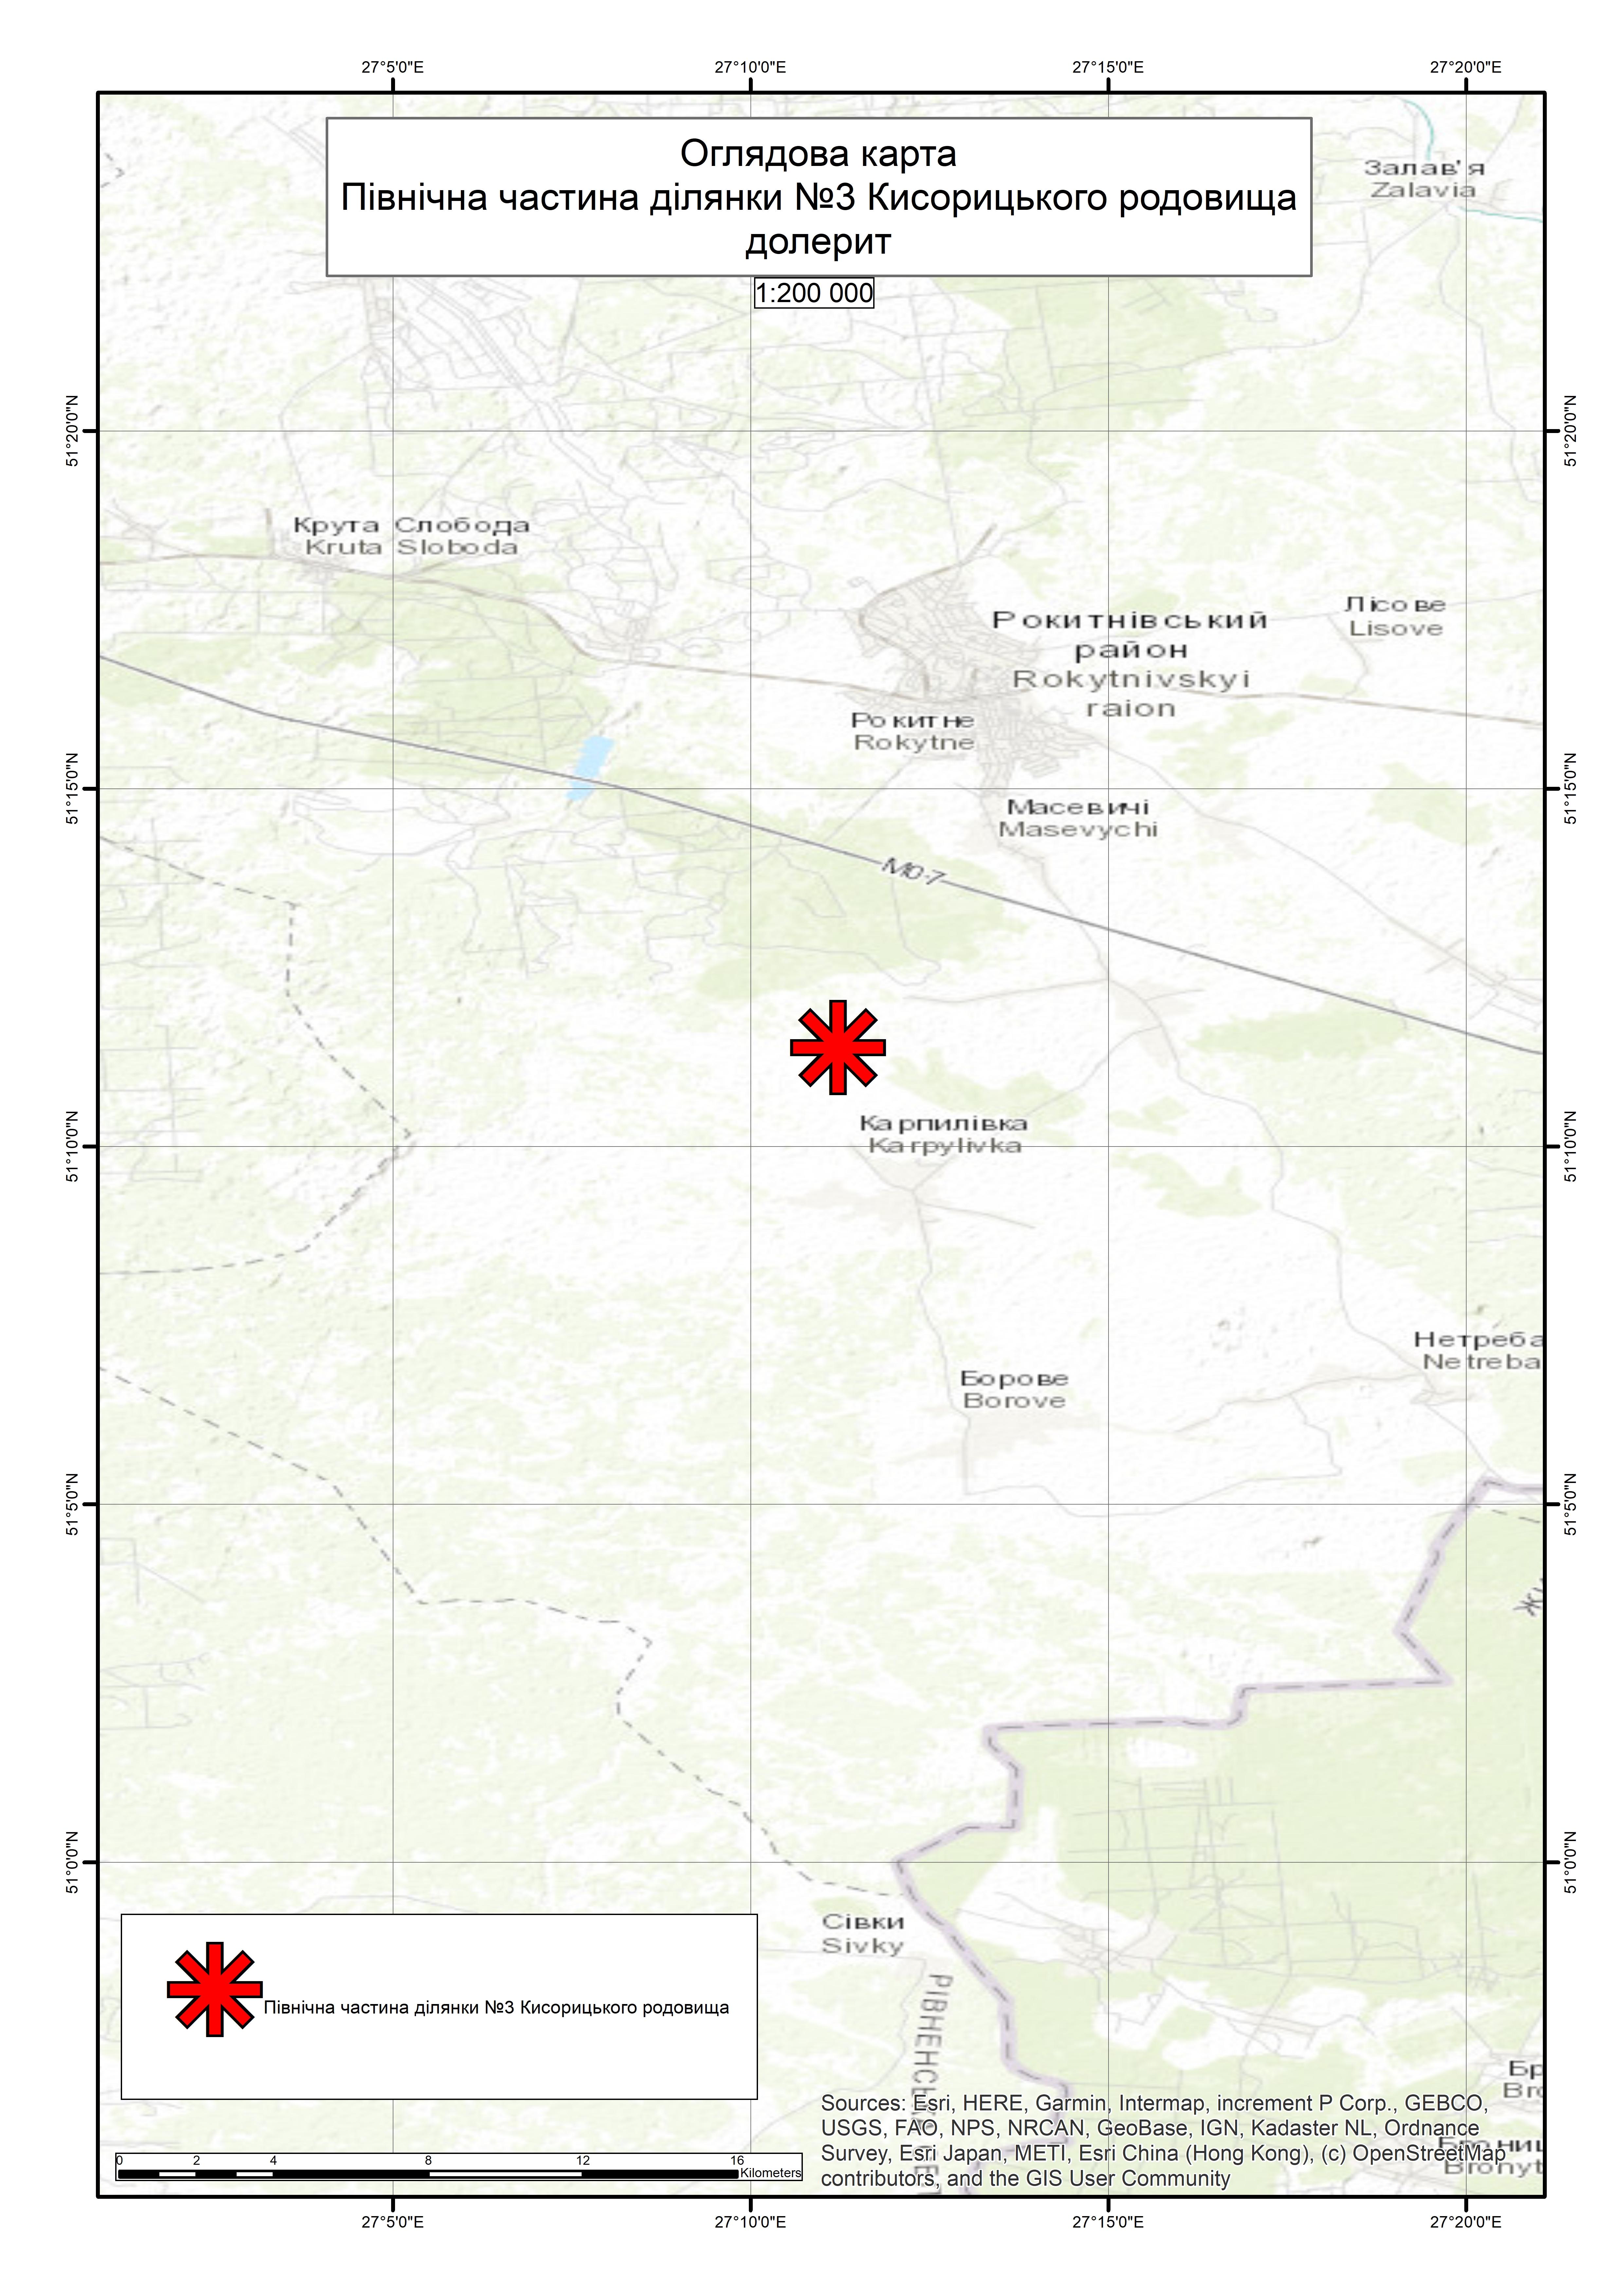 Спеціальний дозвіл на користування надрами – Північна частина ділянки №3 Кисорицького родовища. Вартість геологічної інформації – 146 045,98 грн (з ПДВ). Вартість пакету аукціонної документації – 40 966,54 грн (з ПДВ).